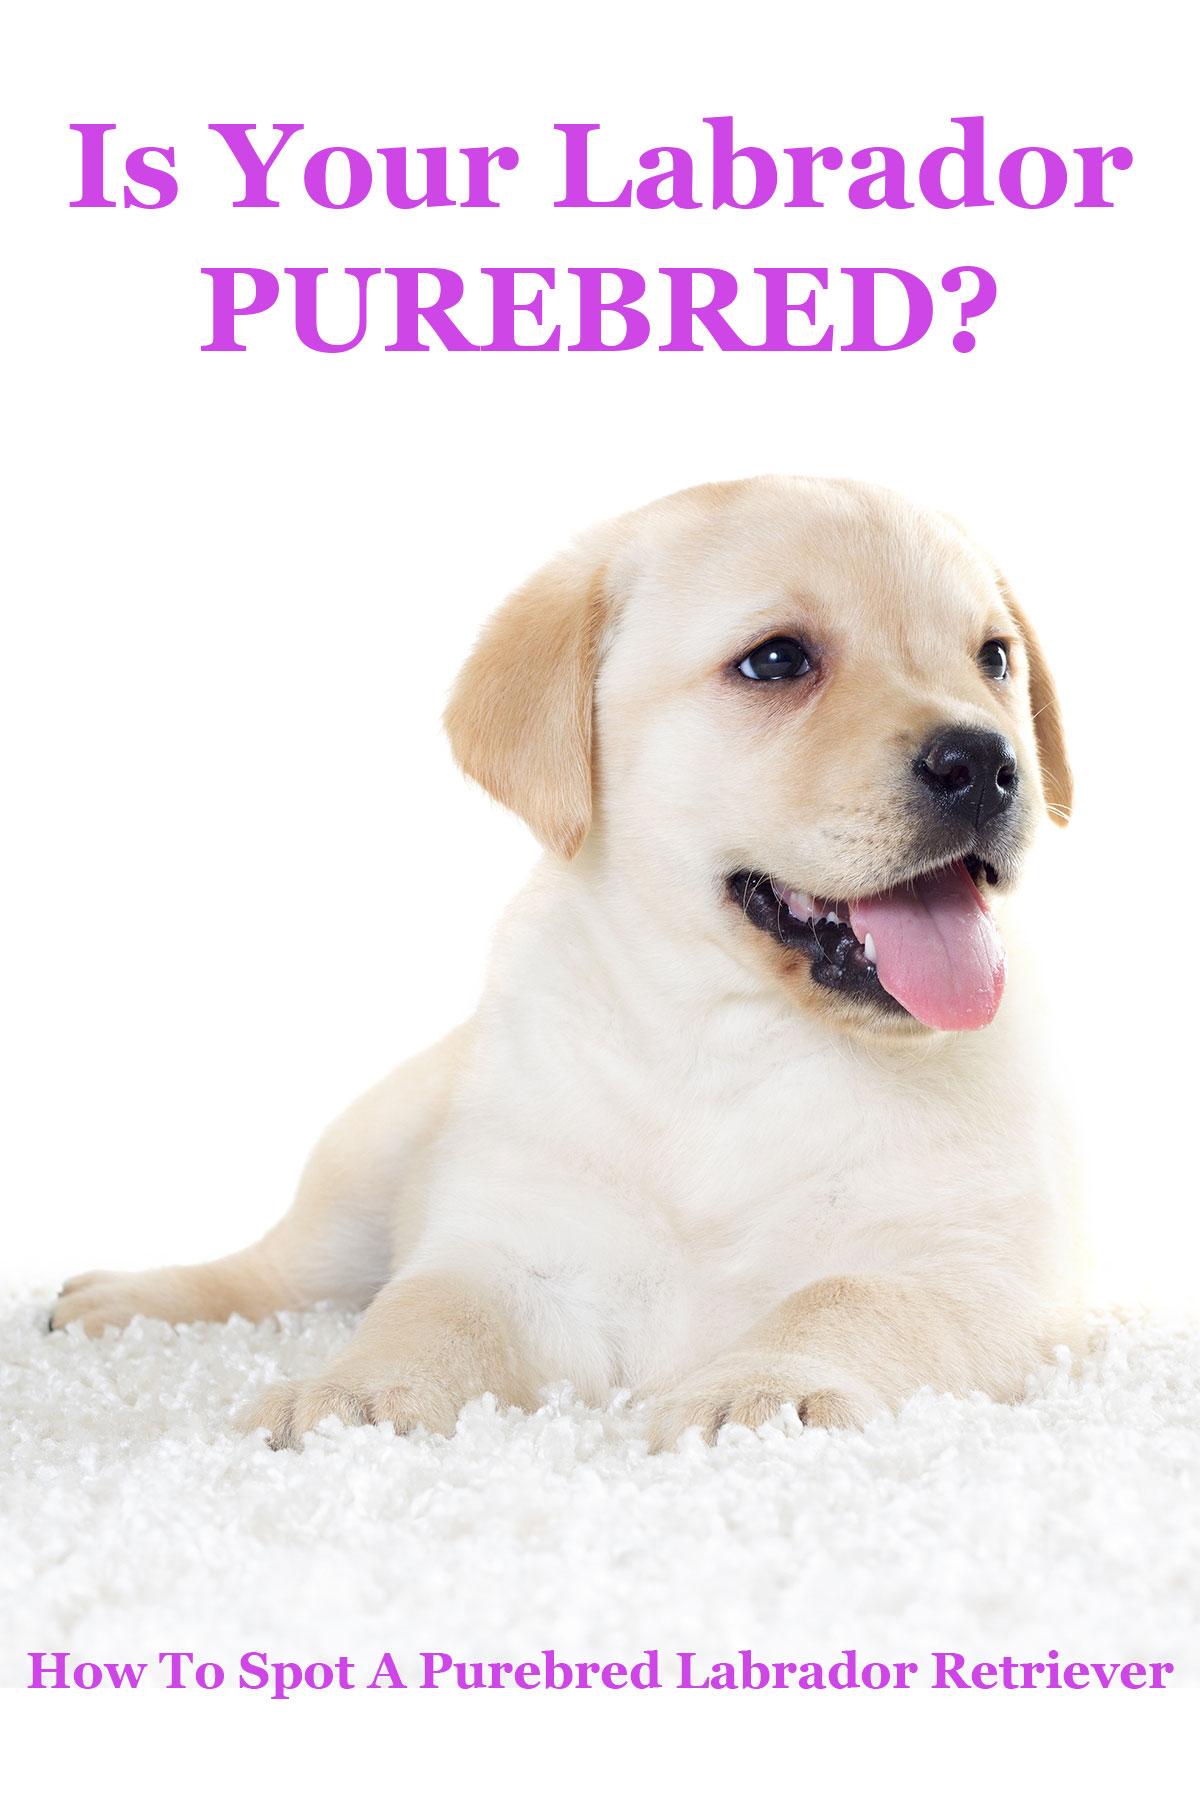 How to identify a purebred golden retriever